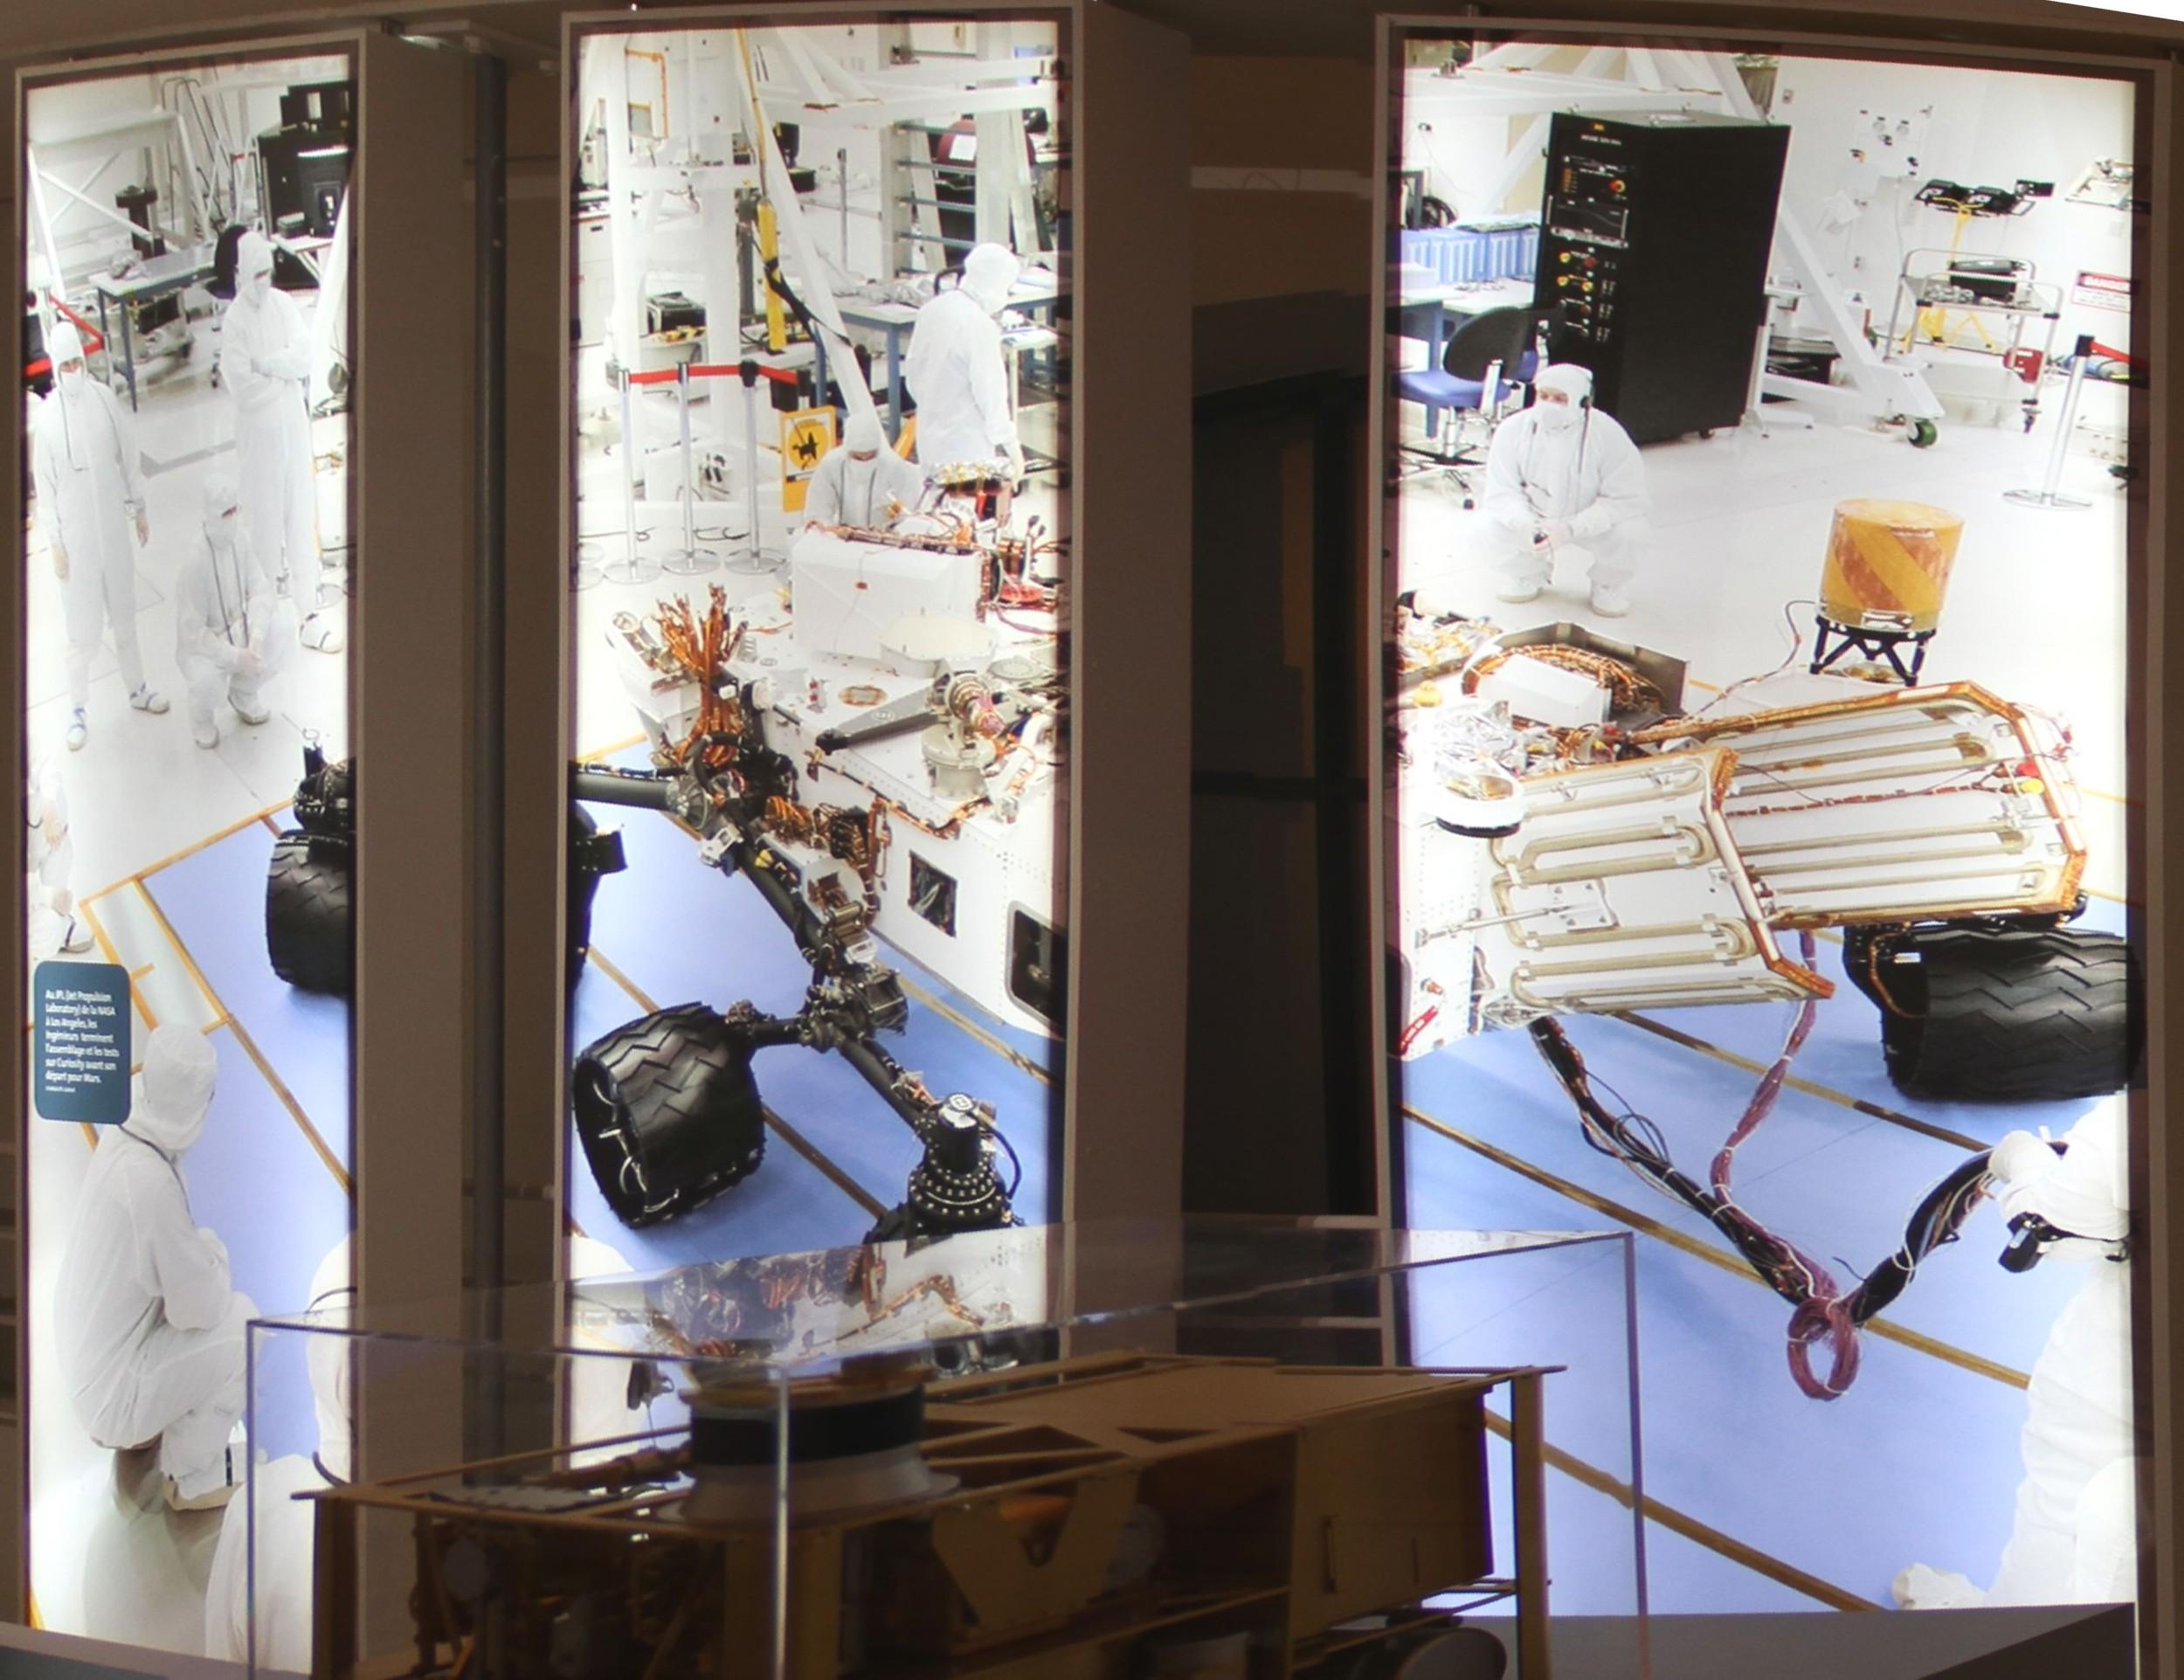 14 12 18 - 17h 48m 06s - Expo l'eau sur Mars pavillon de l'eau_stitch ret